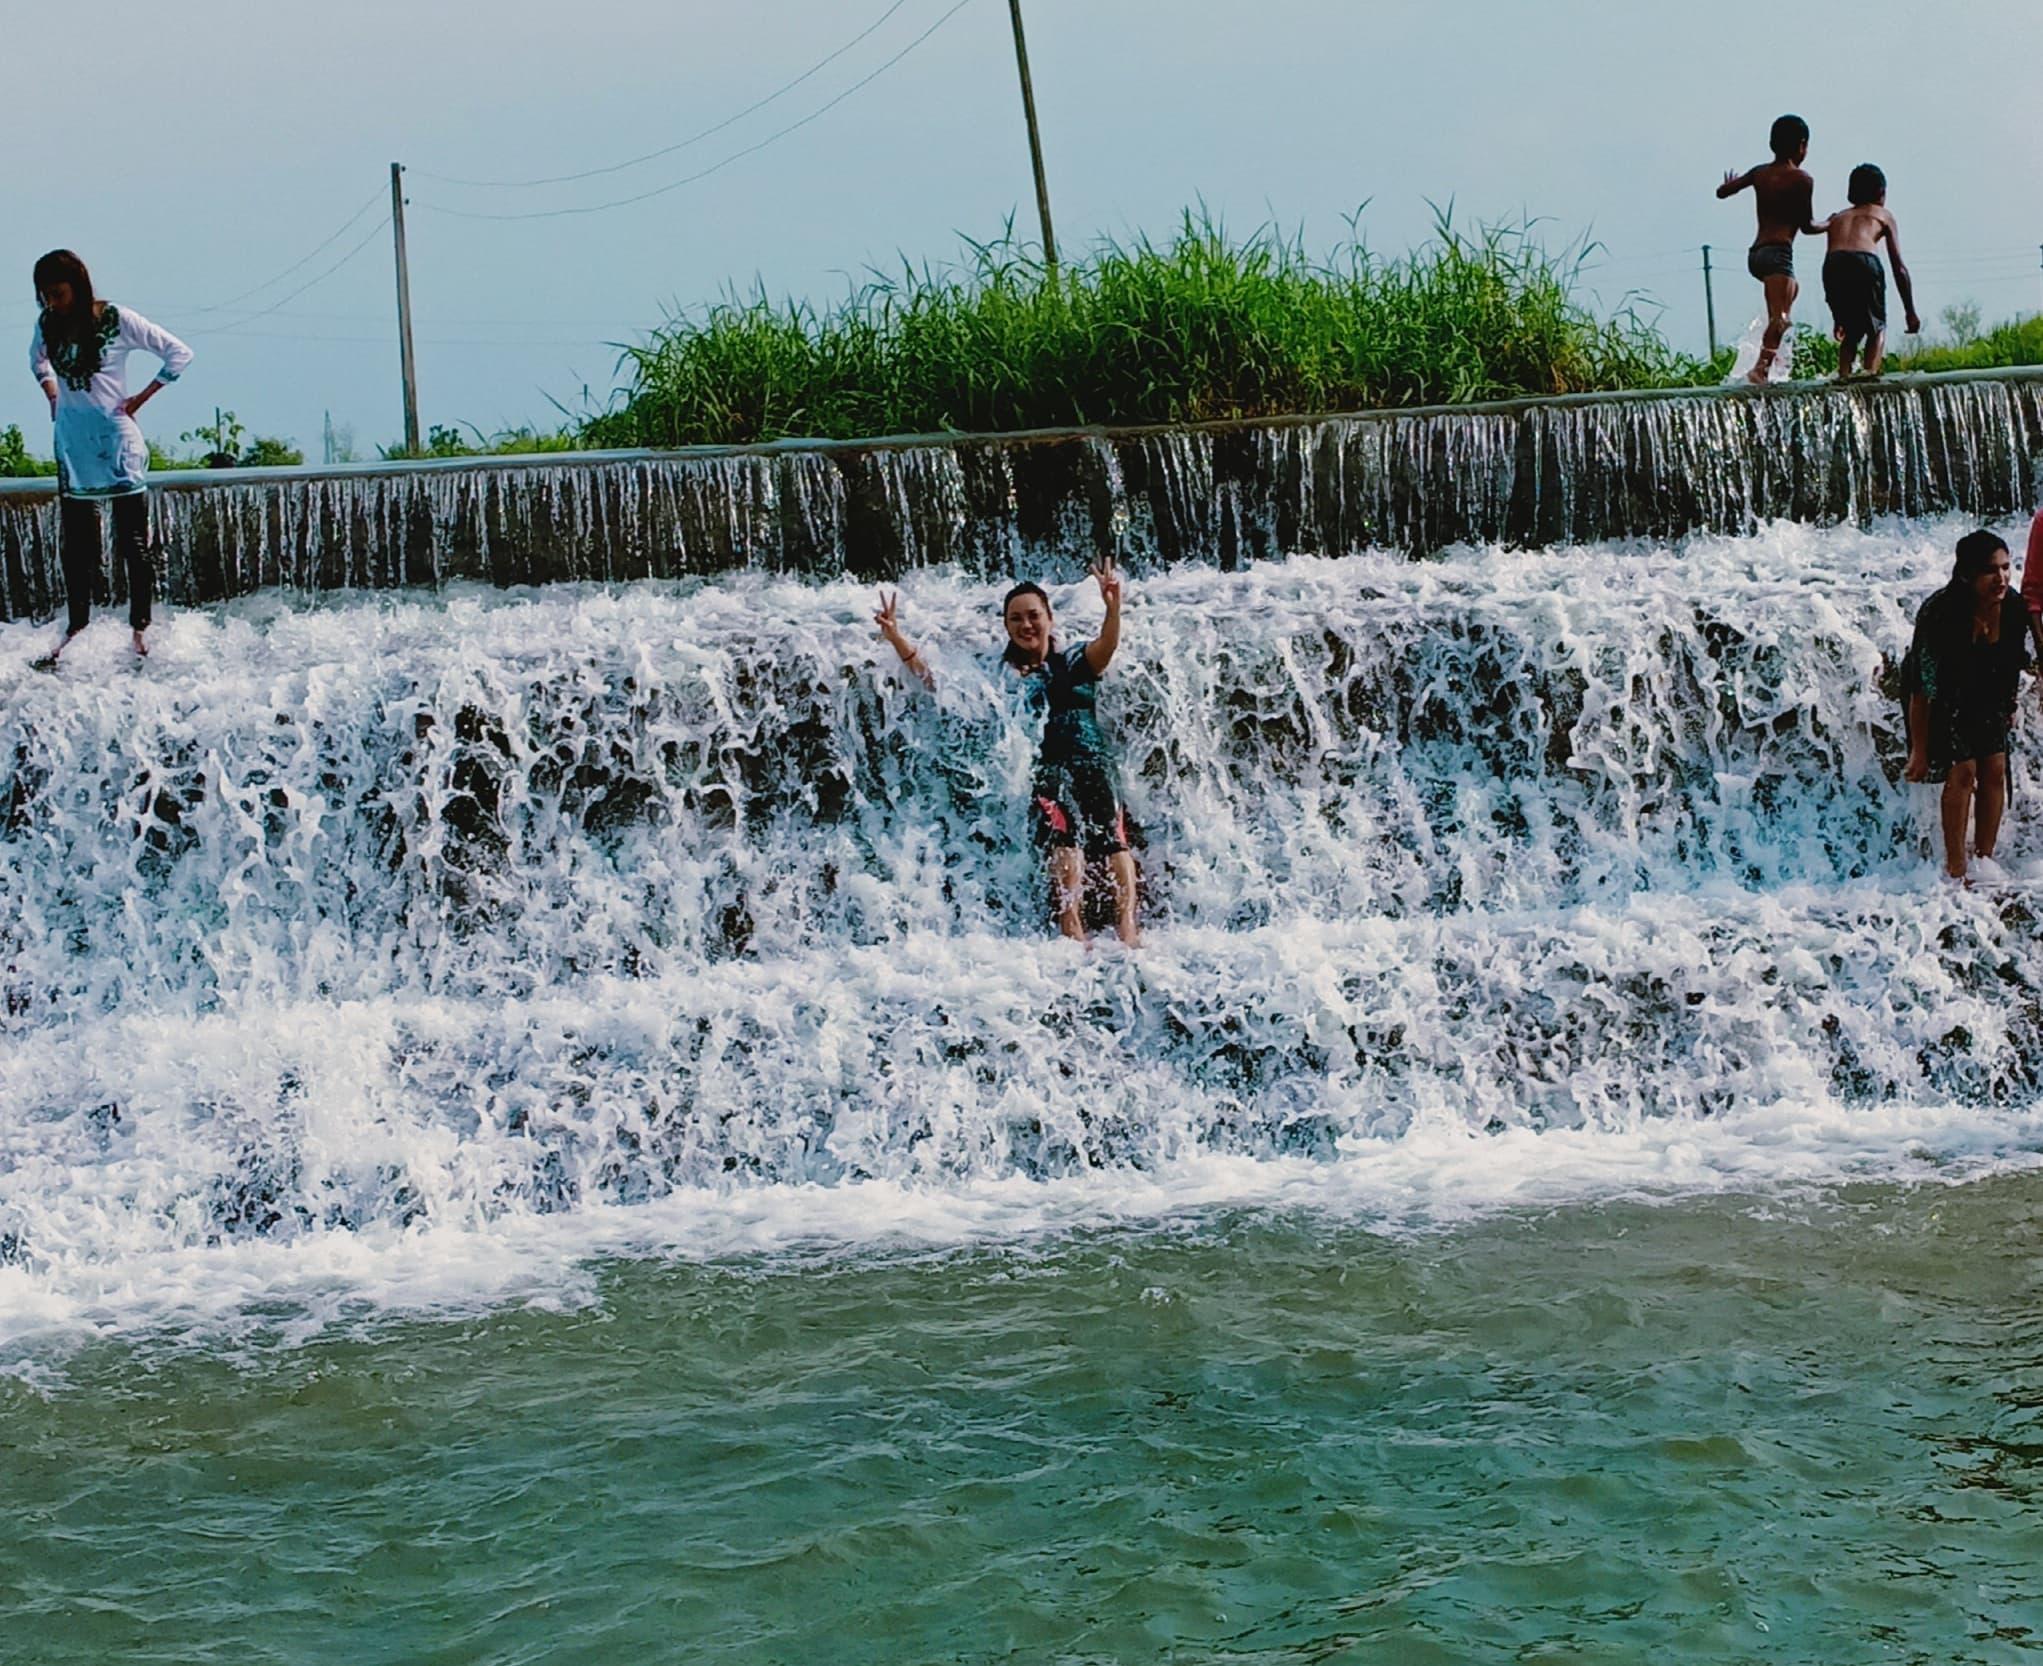 आन्तरिक पर्यटनको प्रचुर सम्भावना बोकेरपनि बाँधखोला ओझेलमा